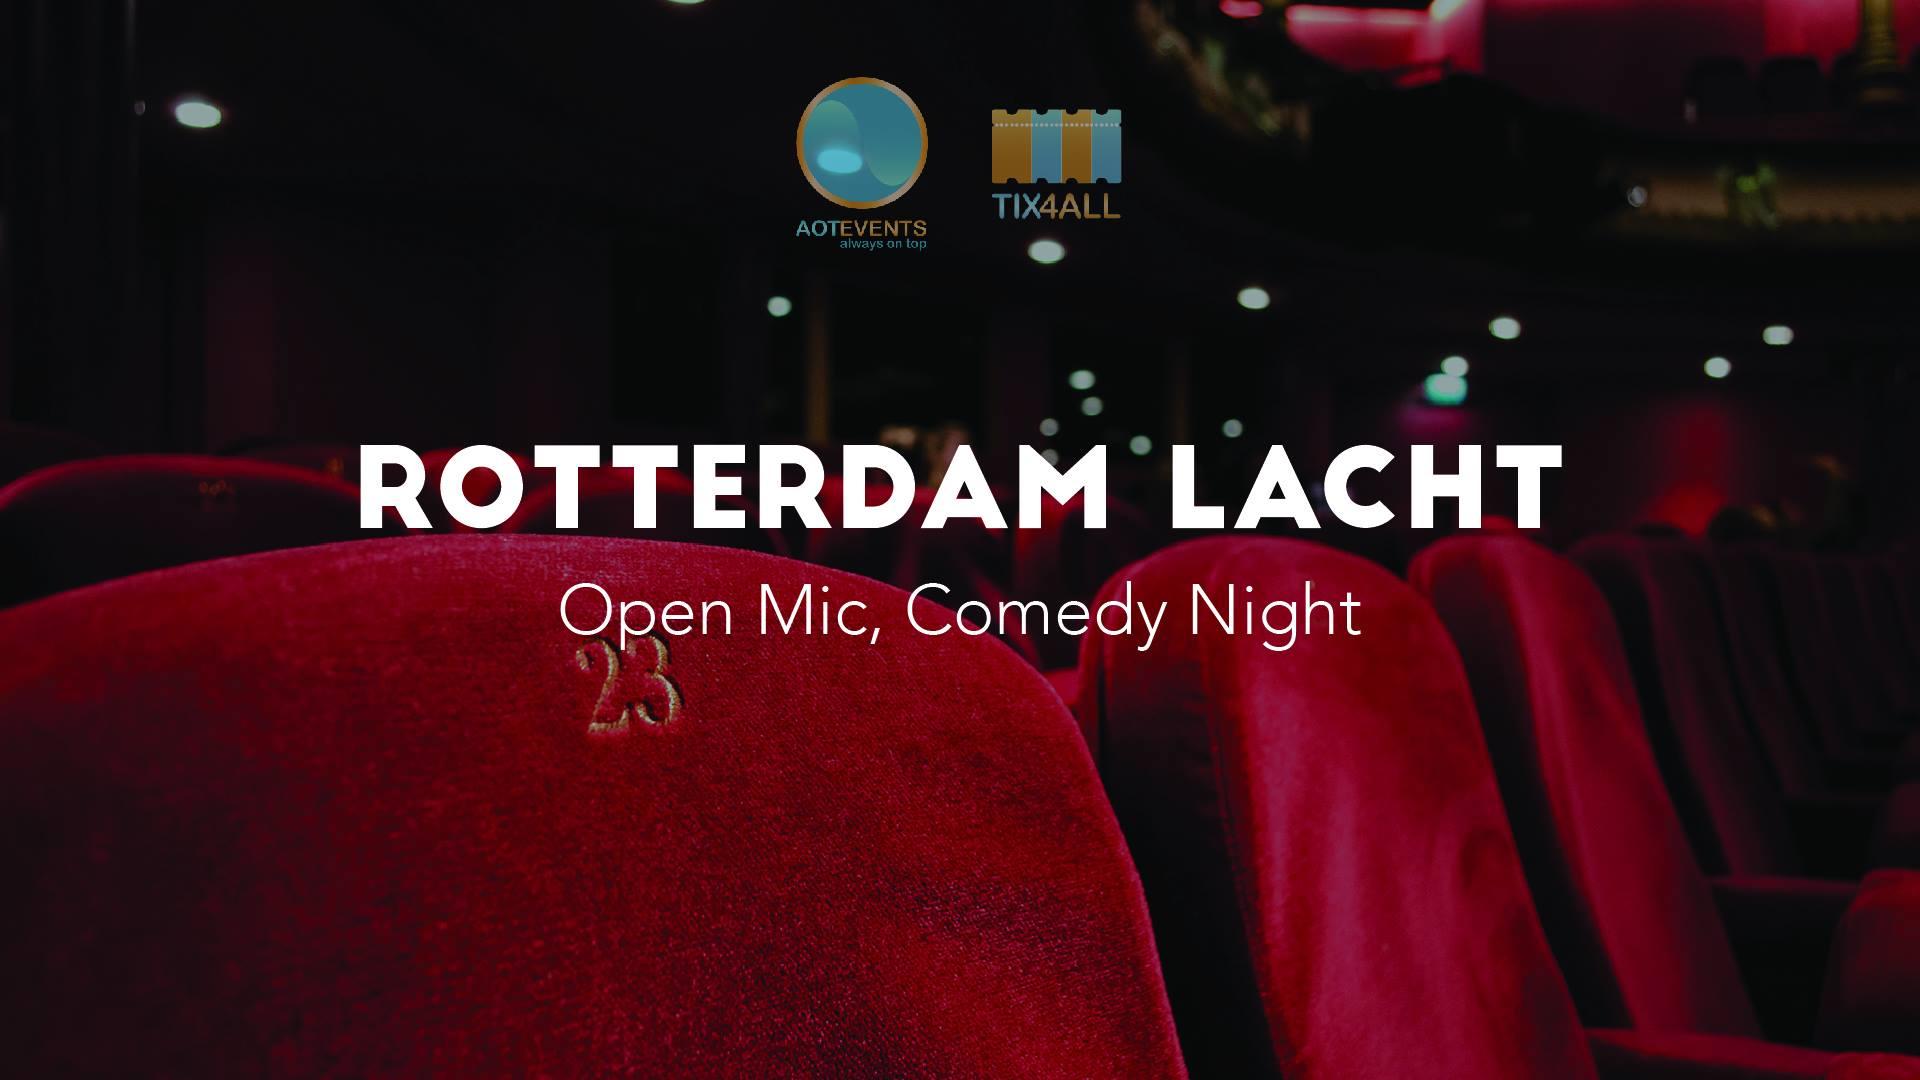 Ticket kopen voor evenement Rotterdam Lacht: Open Mic, Comedy Night